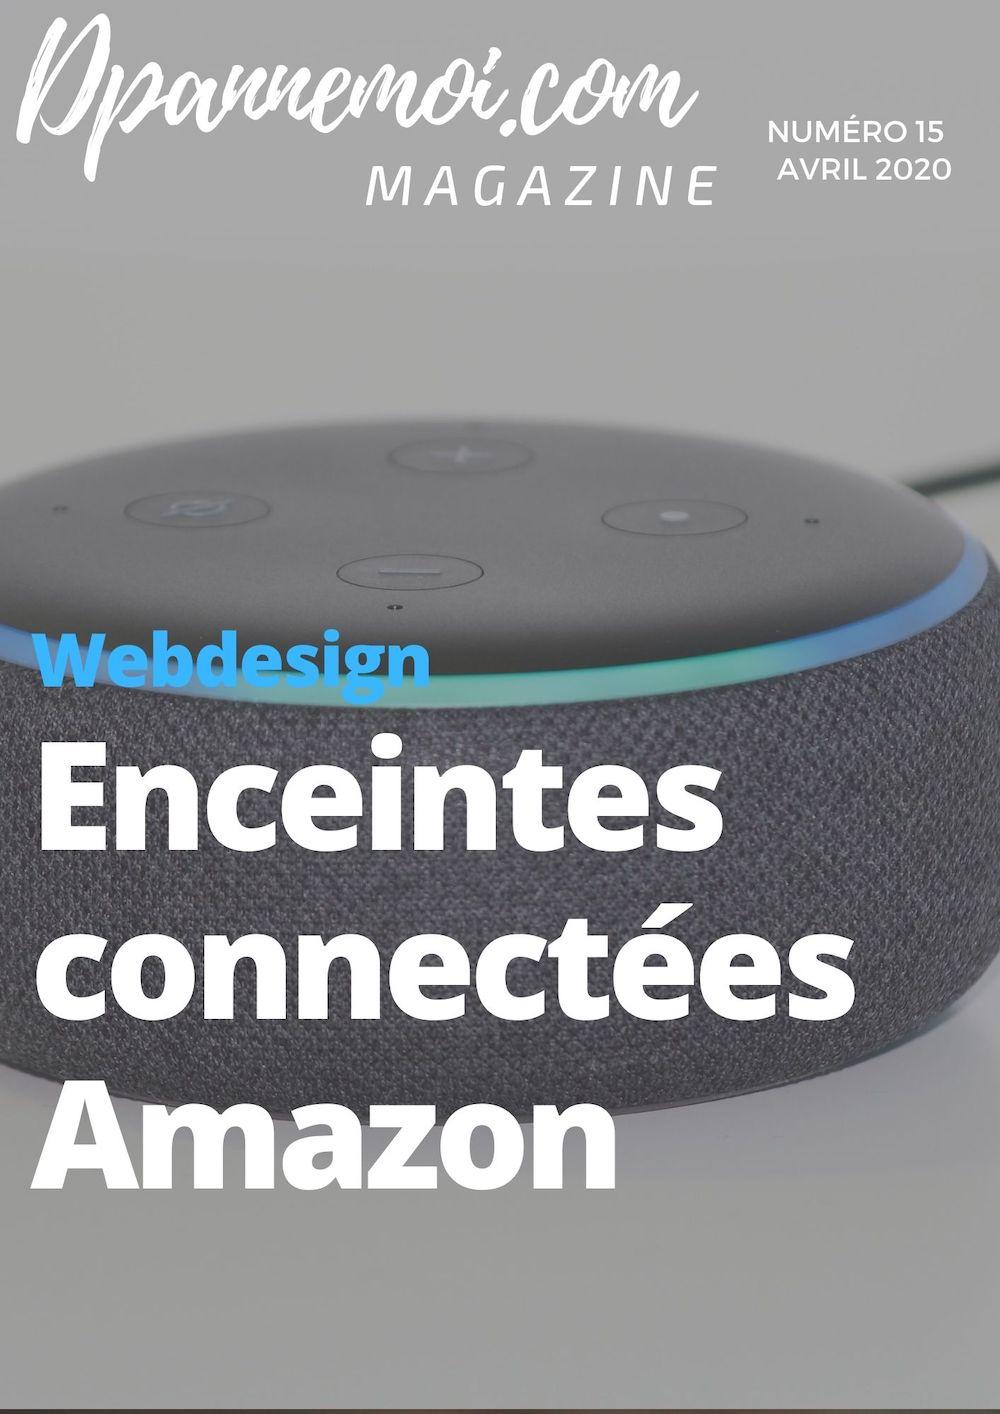 Les enceintes connectées Amazon, découvrez la gamme !